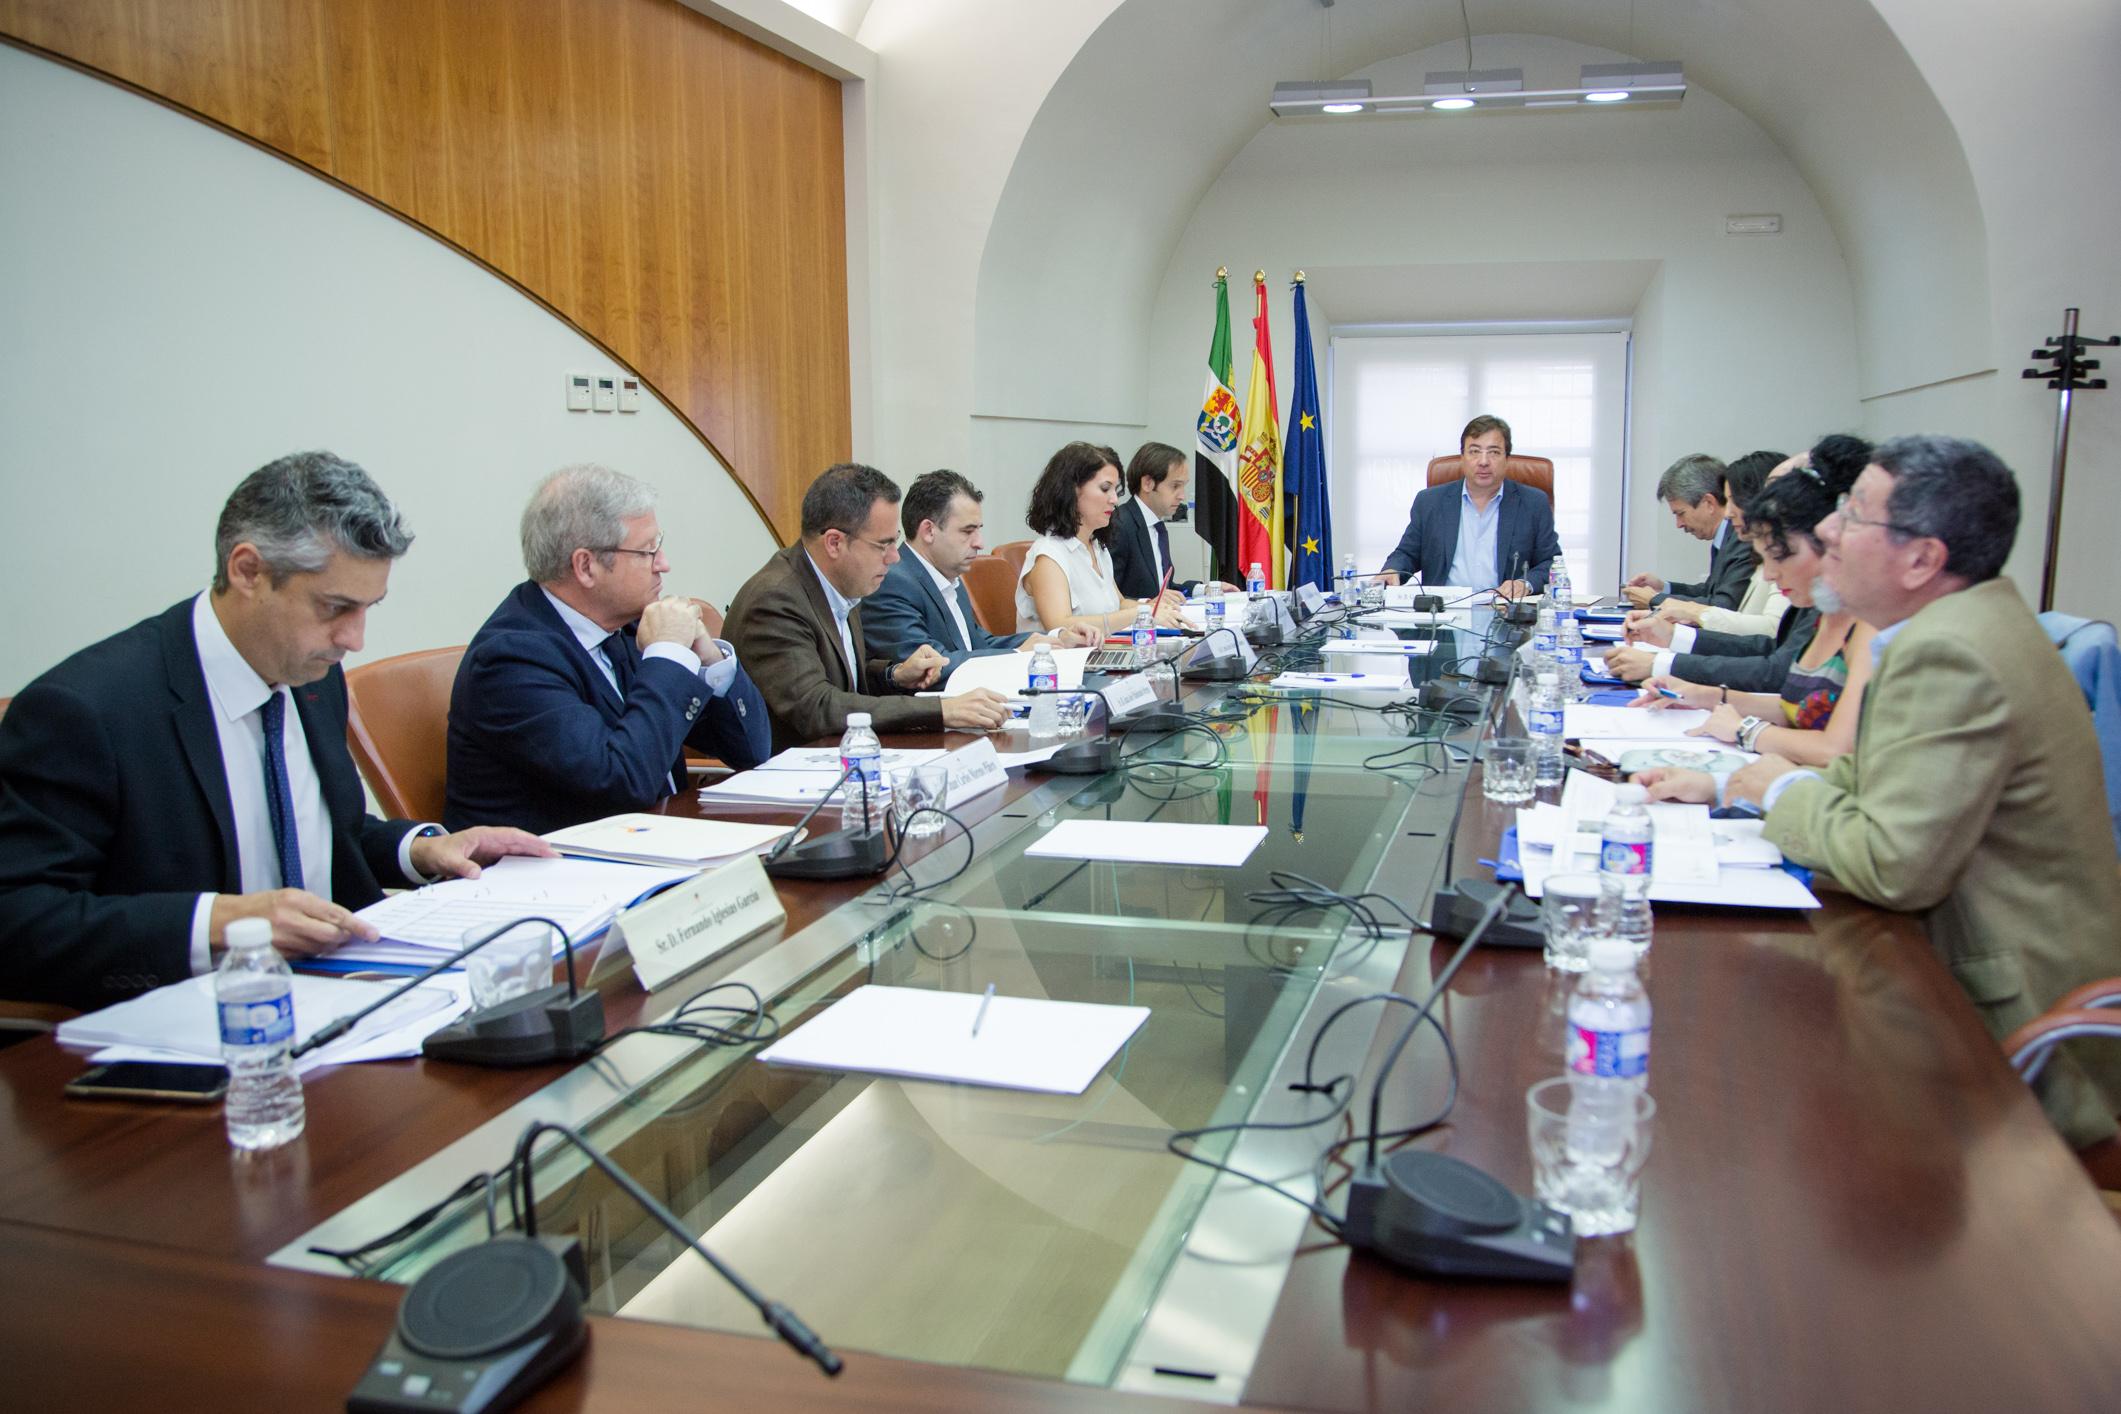 La nueva Fundación Academia Europea e Iberoamericana de Yuste potenciará el papel de Extremadura con Europa e Iberoamérica